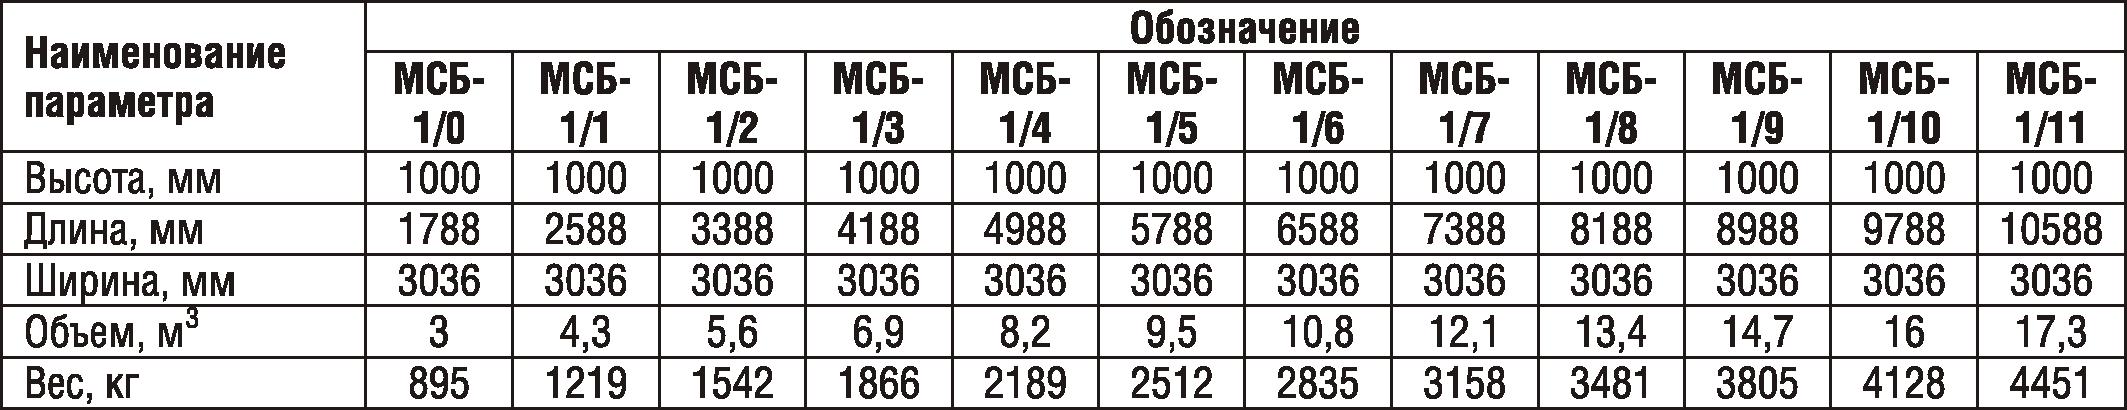 Бак фекальный МСБ-1/4 (секция приемная - 1шт., секция торцевая - 1 шт., секция рядовая - 4шт.) Серия